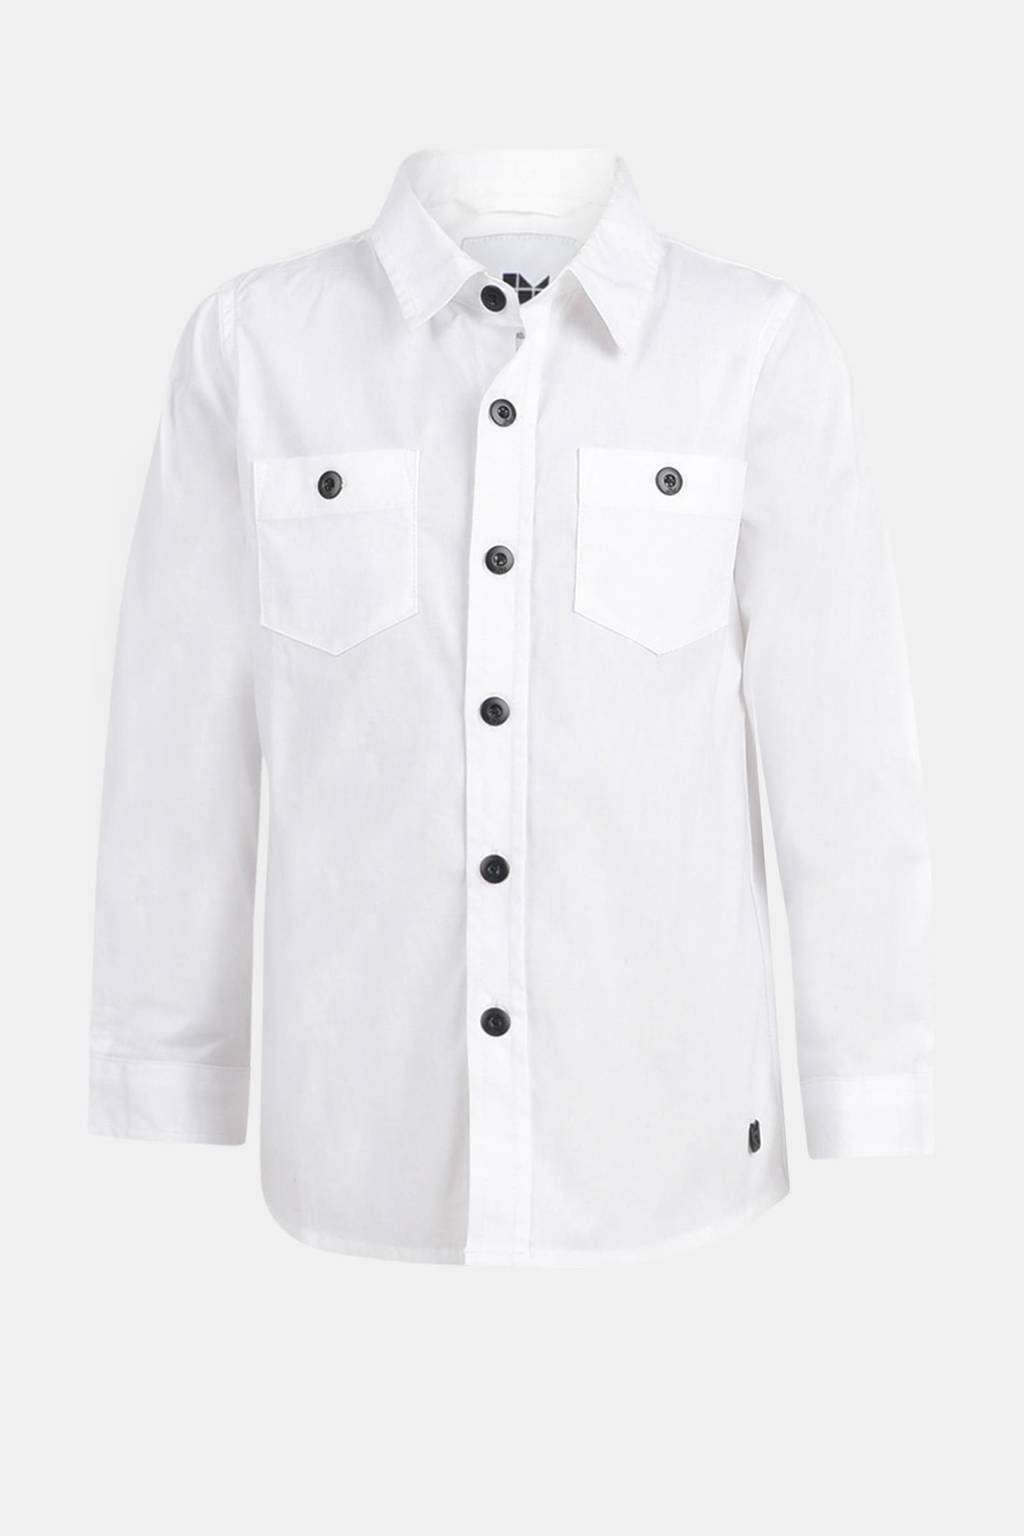 Mitch by Shoeby overhemd Skay wit/zwart, Wit/zwart